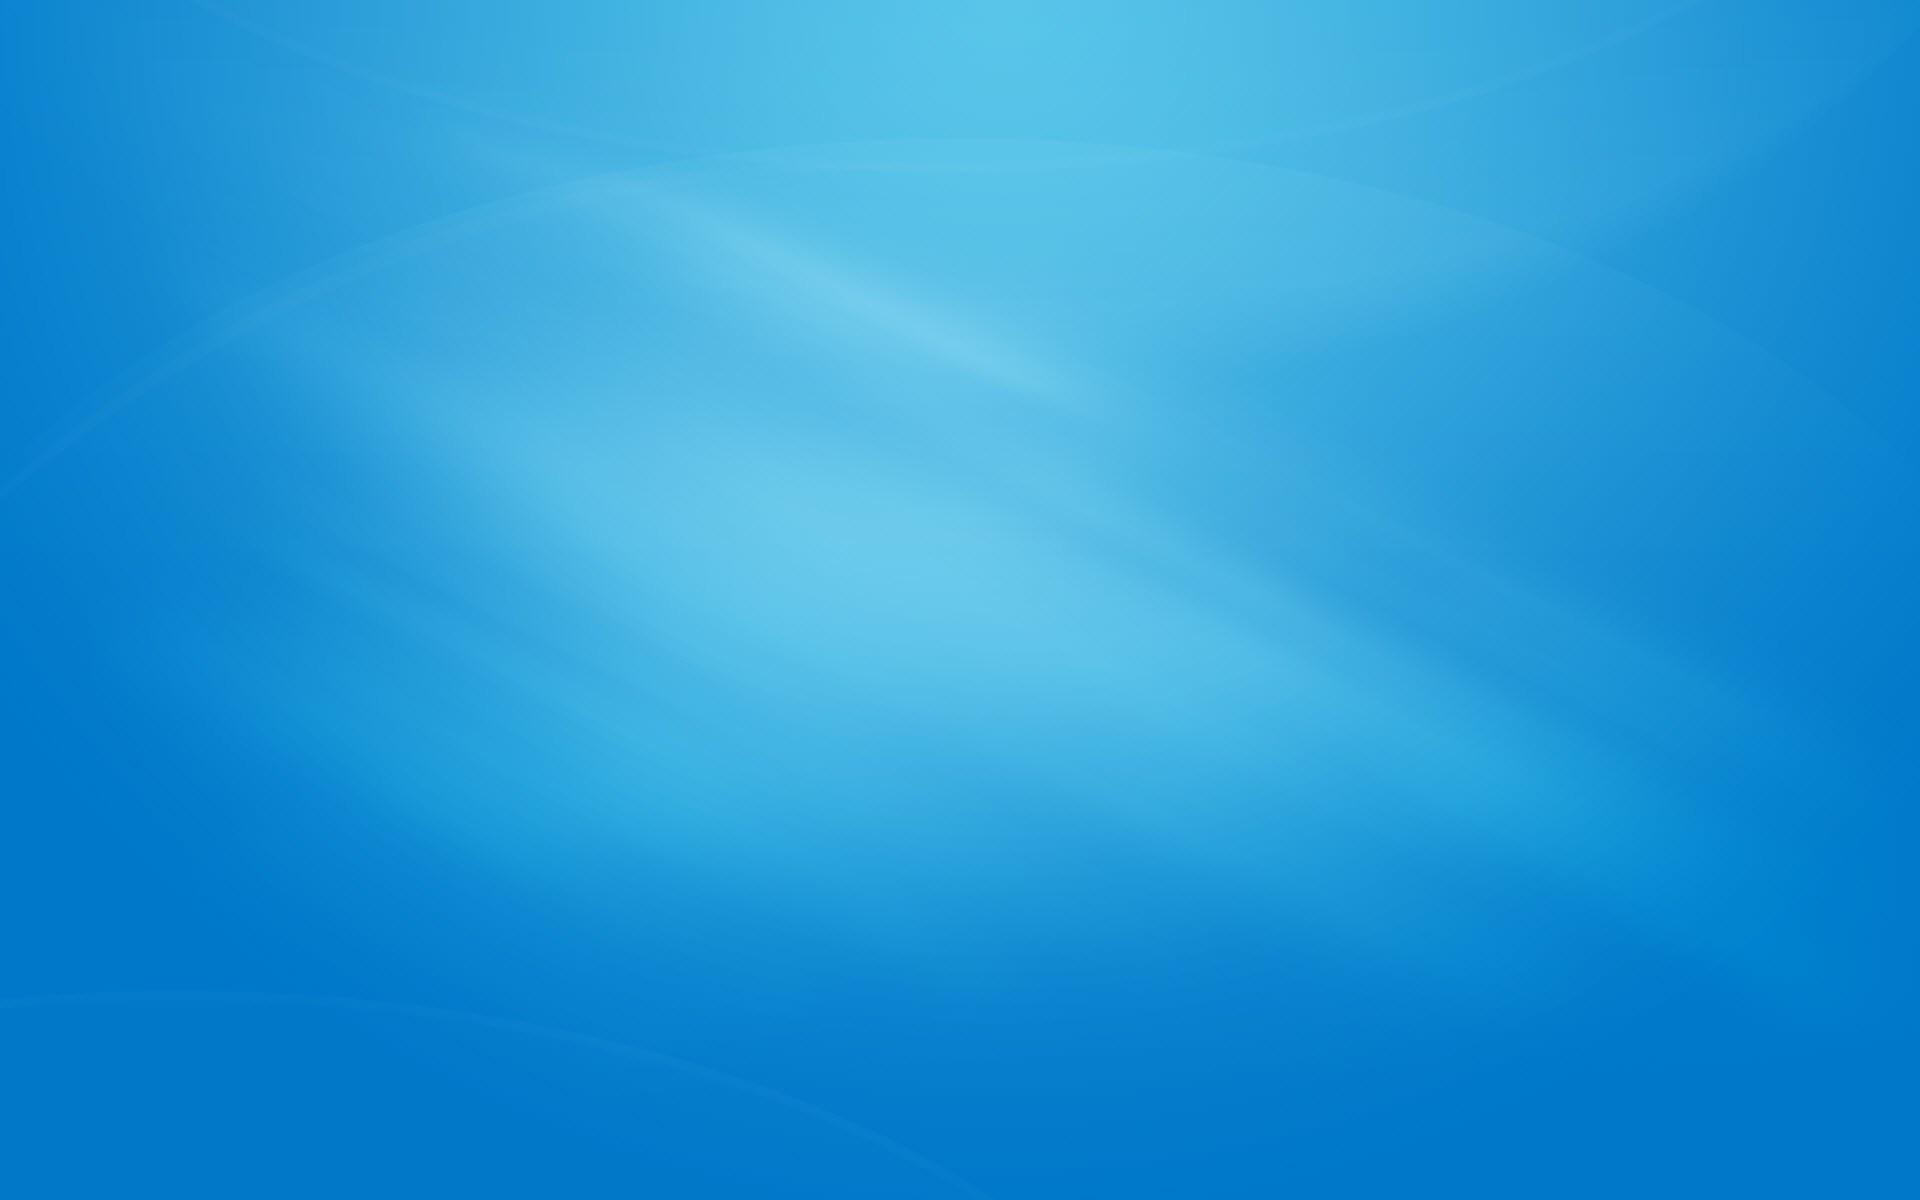 … blue wallpaper 7 …